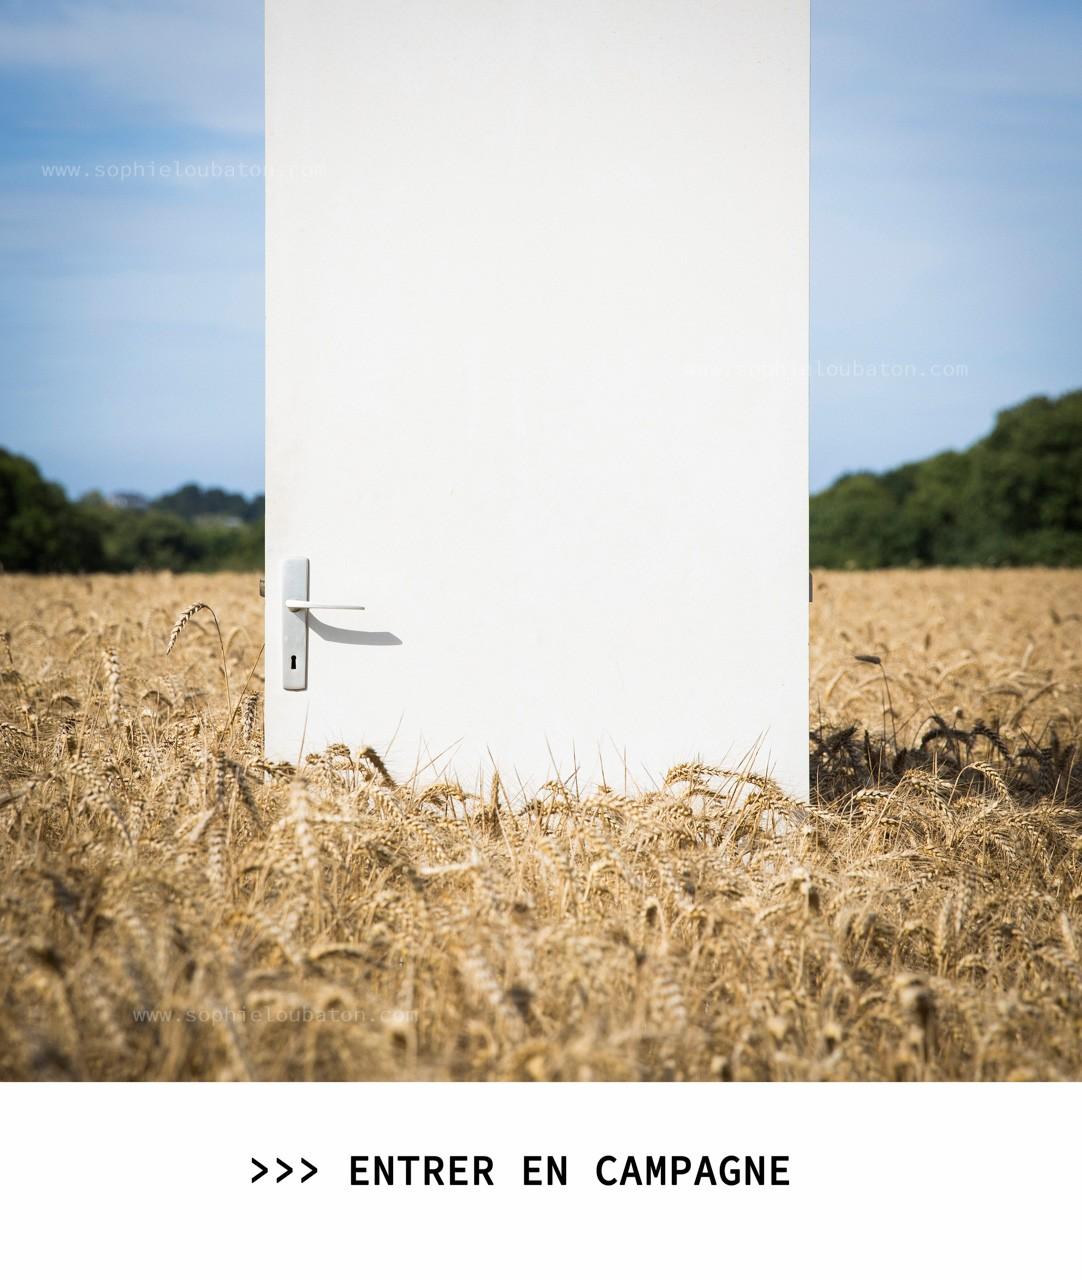 locutions : Entrer en campagne